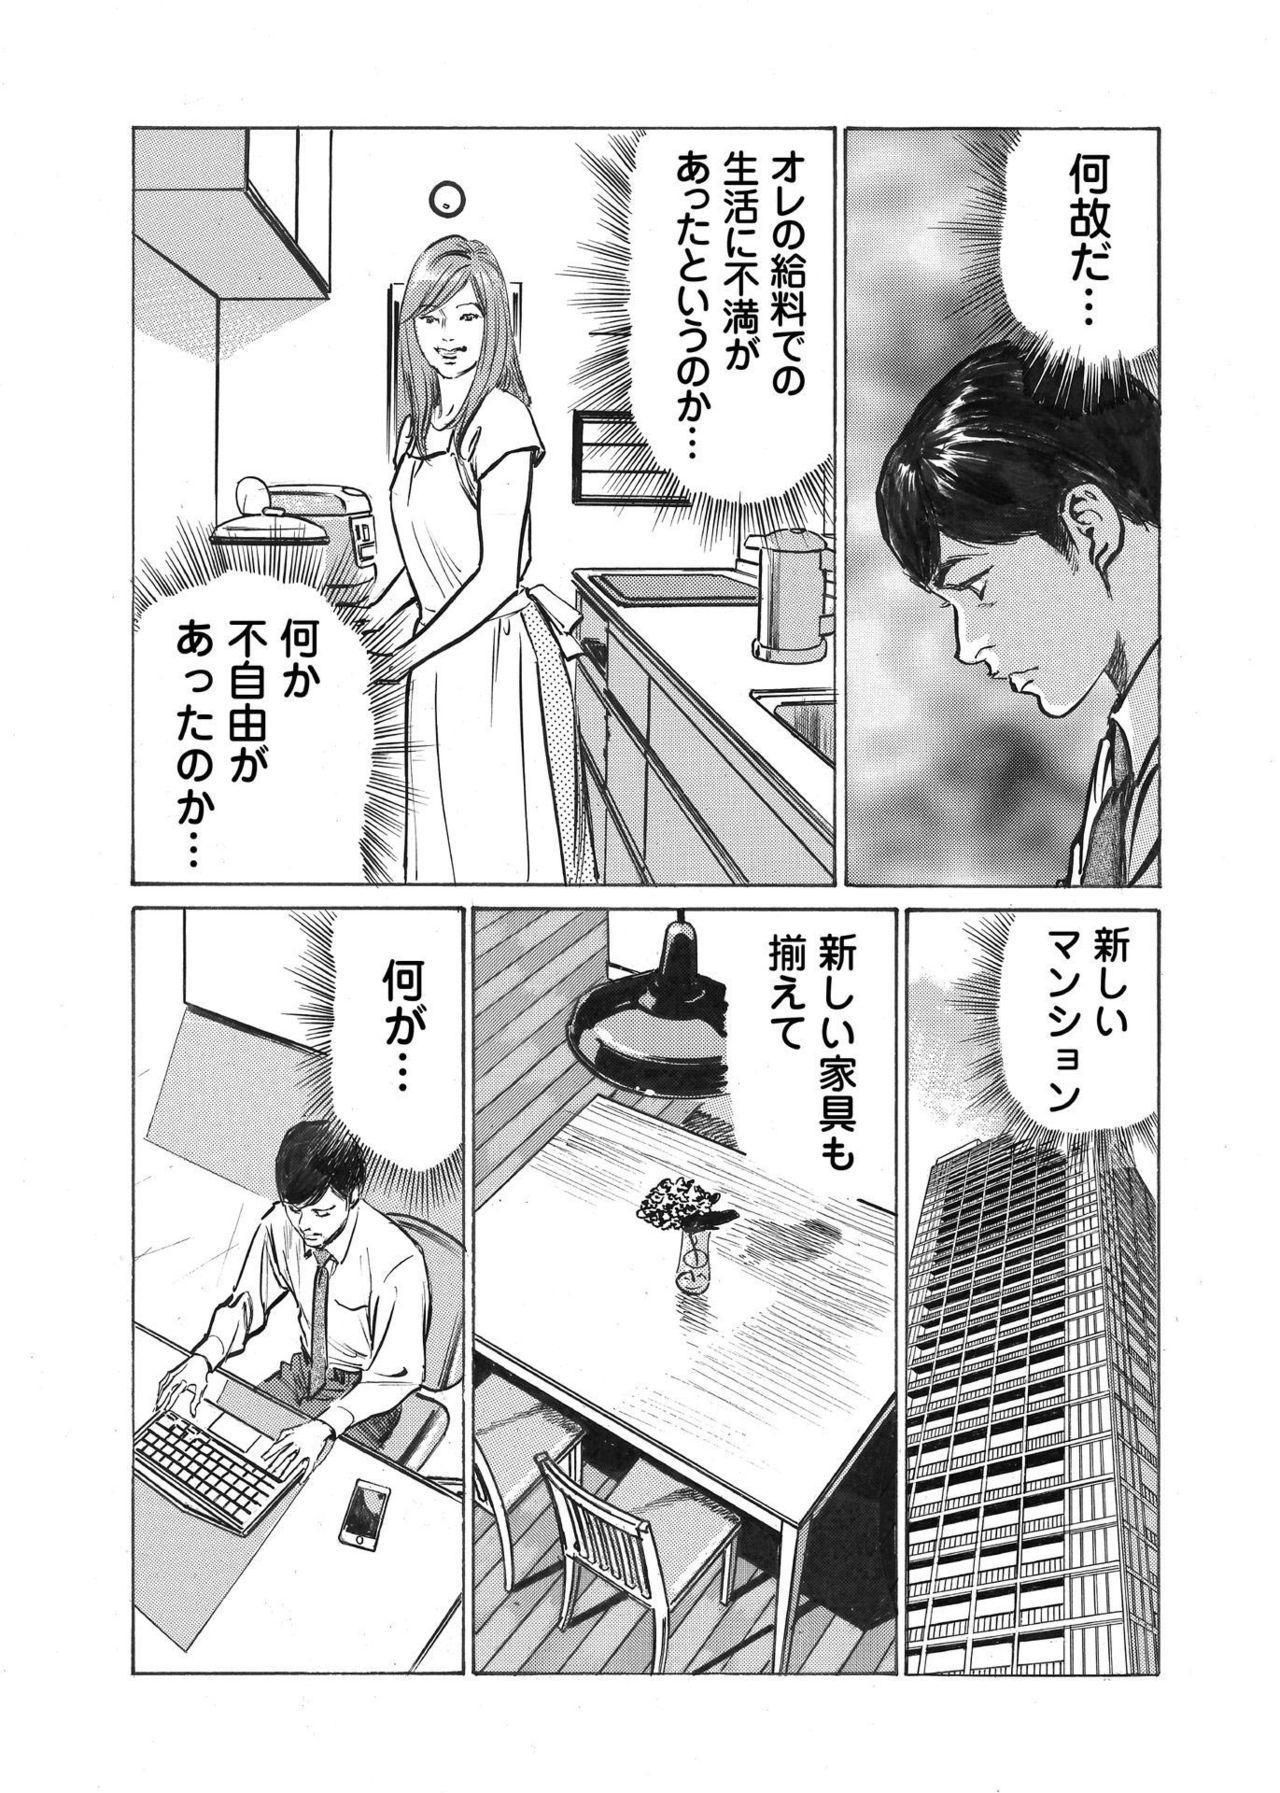 Ore wa Tsuma no Koto o Yoku Shiranai 1-9 122